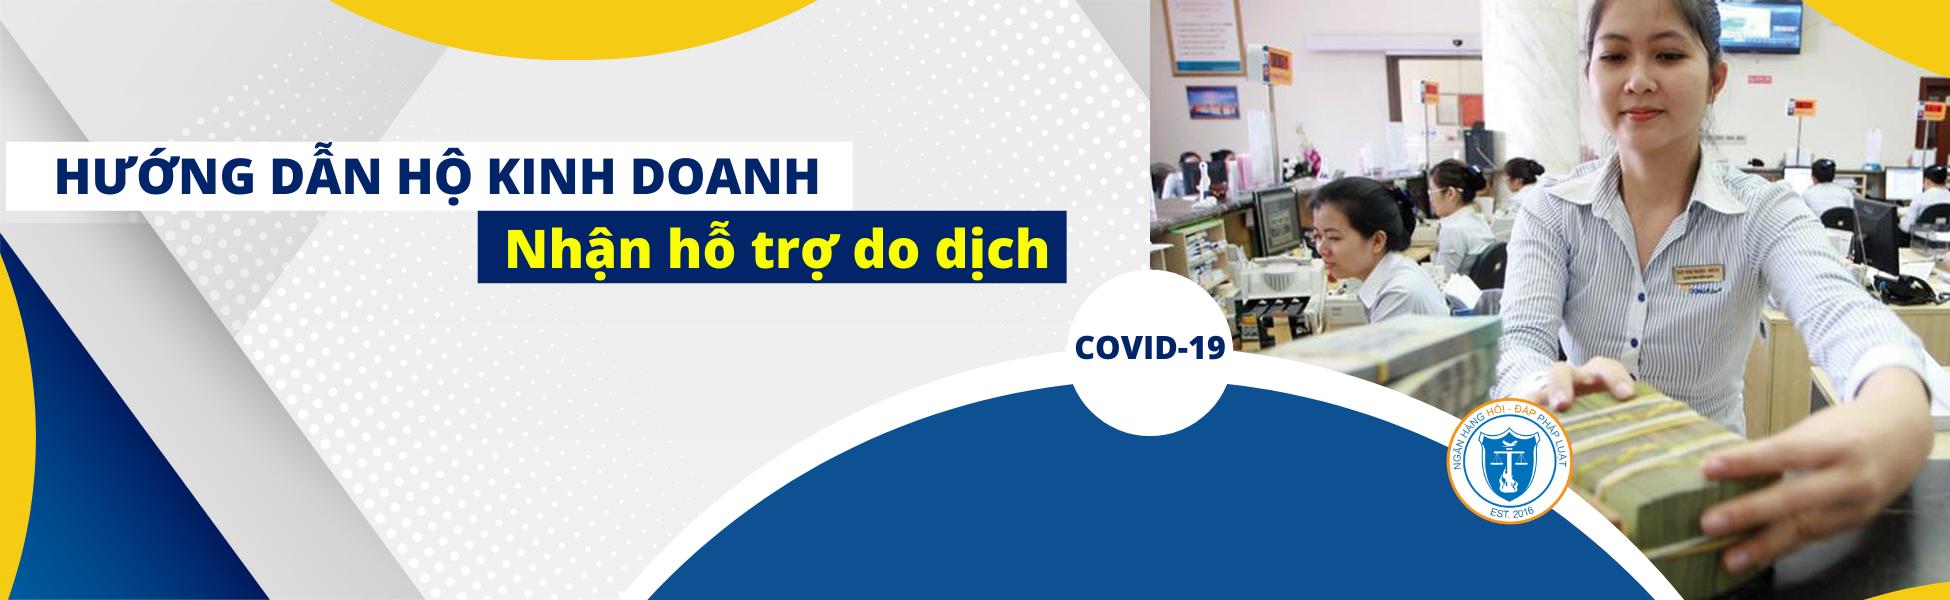 Hướng dẫn Hộ kinh doanh nhận hỗ trợ do dịch COVID-19